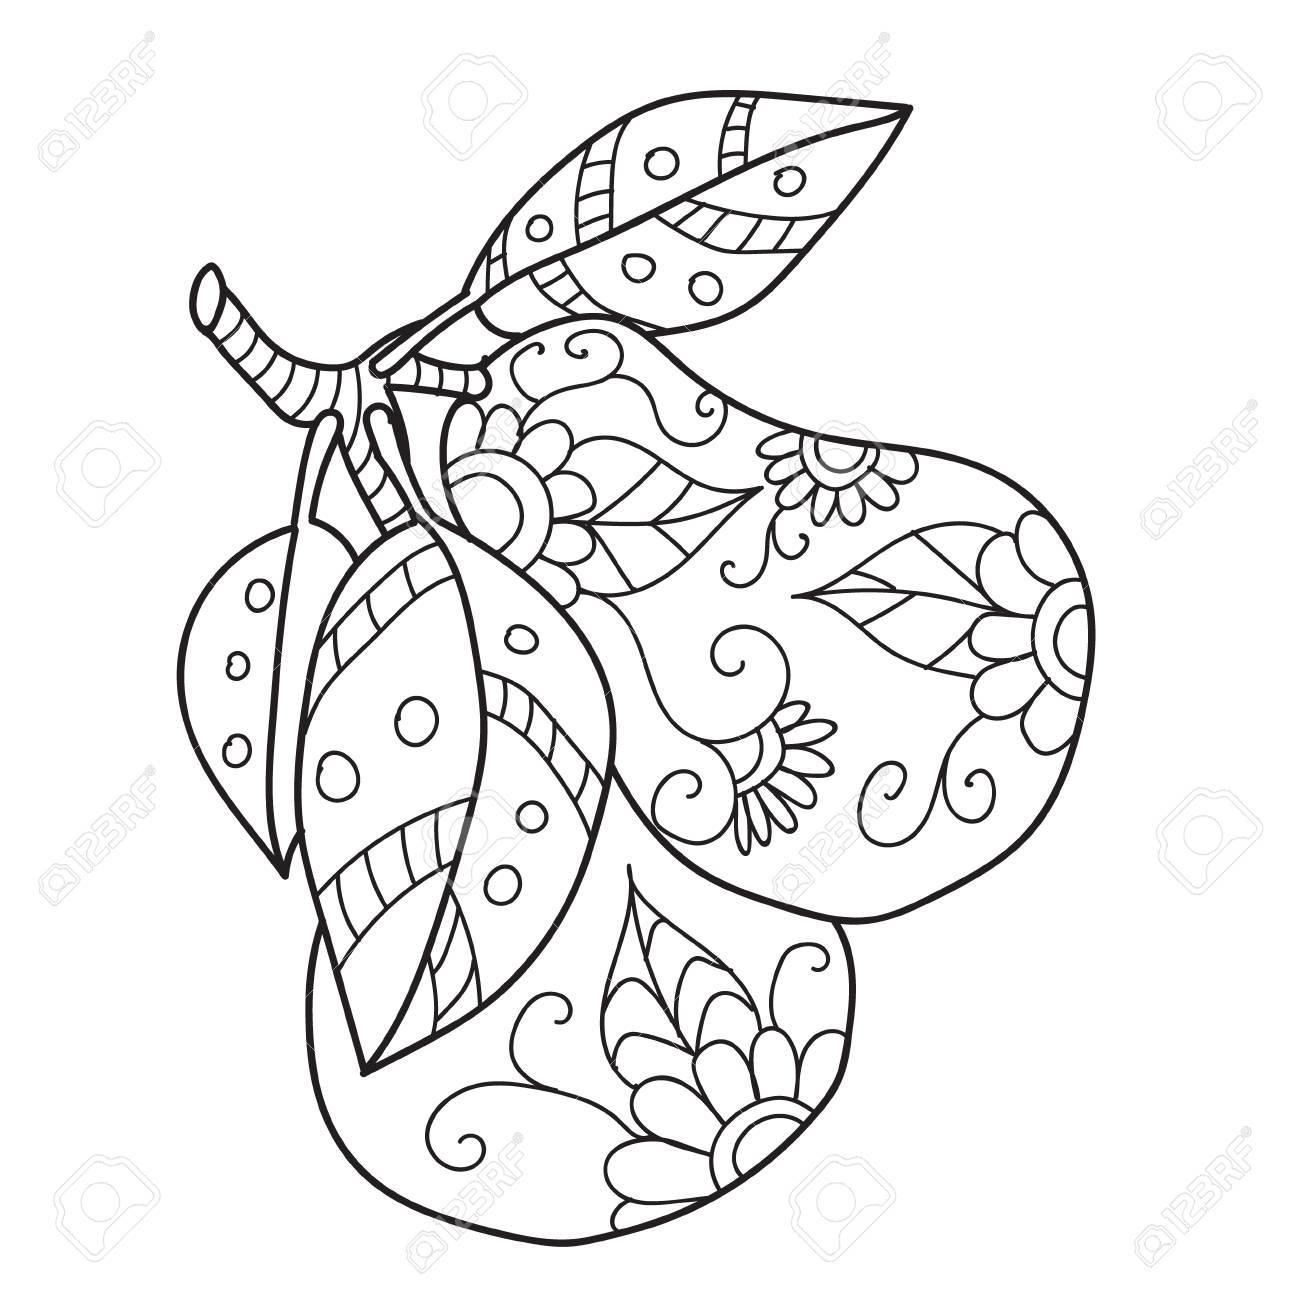 Dibujos Para Colorear Para Adultos. Dibujado A Mano Decorativos